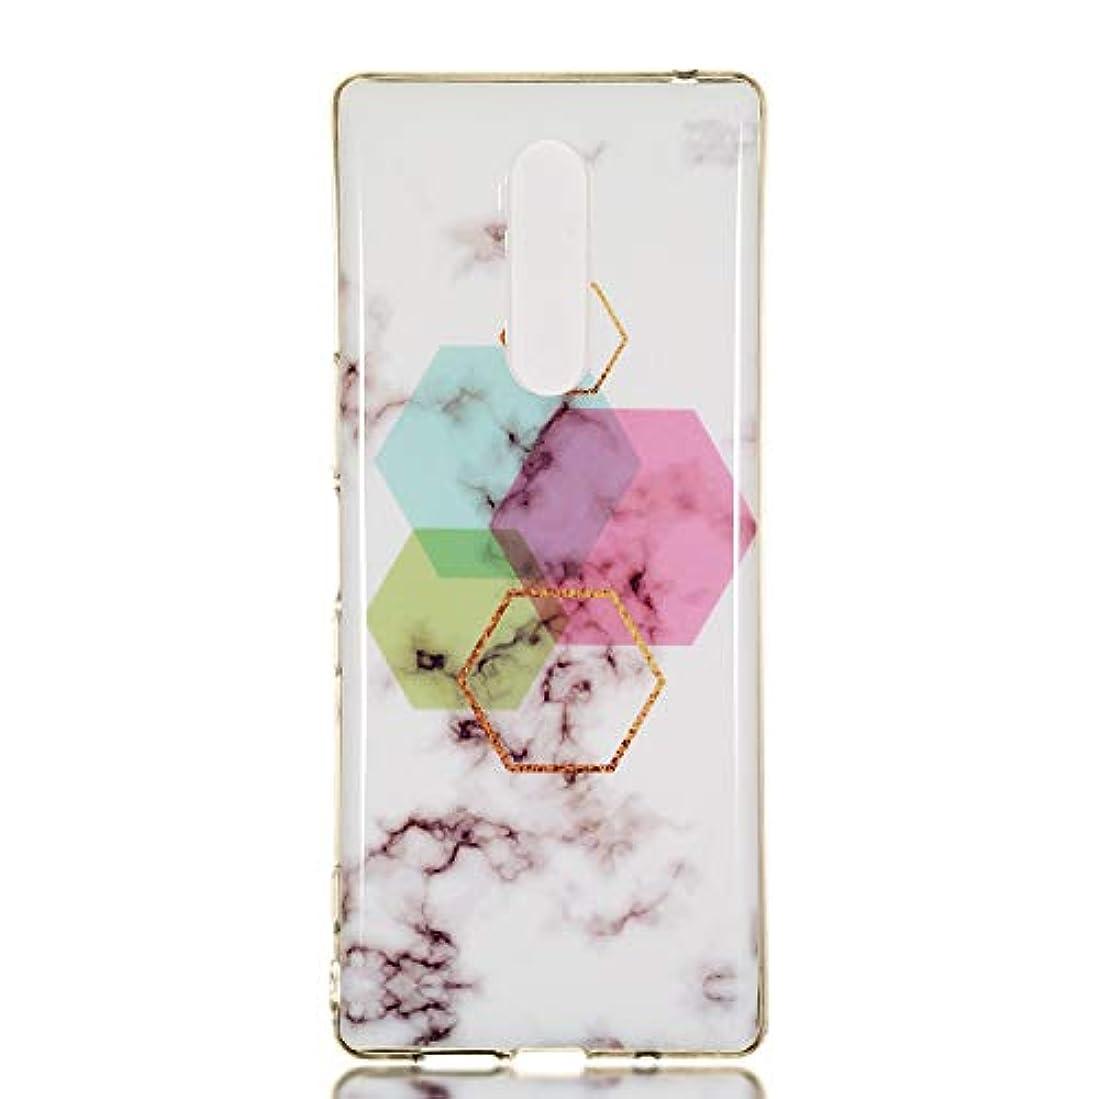 同行定常面Sony Xperia 1 ケース シリコン ソフト, Lomogo エクスぺリア1 ケース 携帯カバー 耐衝撃 防塵 おしゃれ - LOYHU241073#5